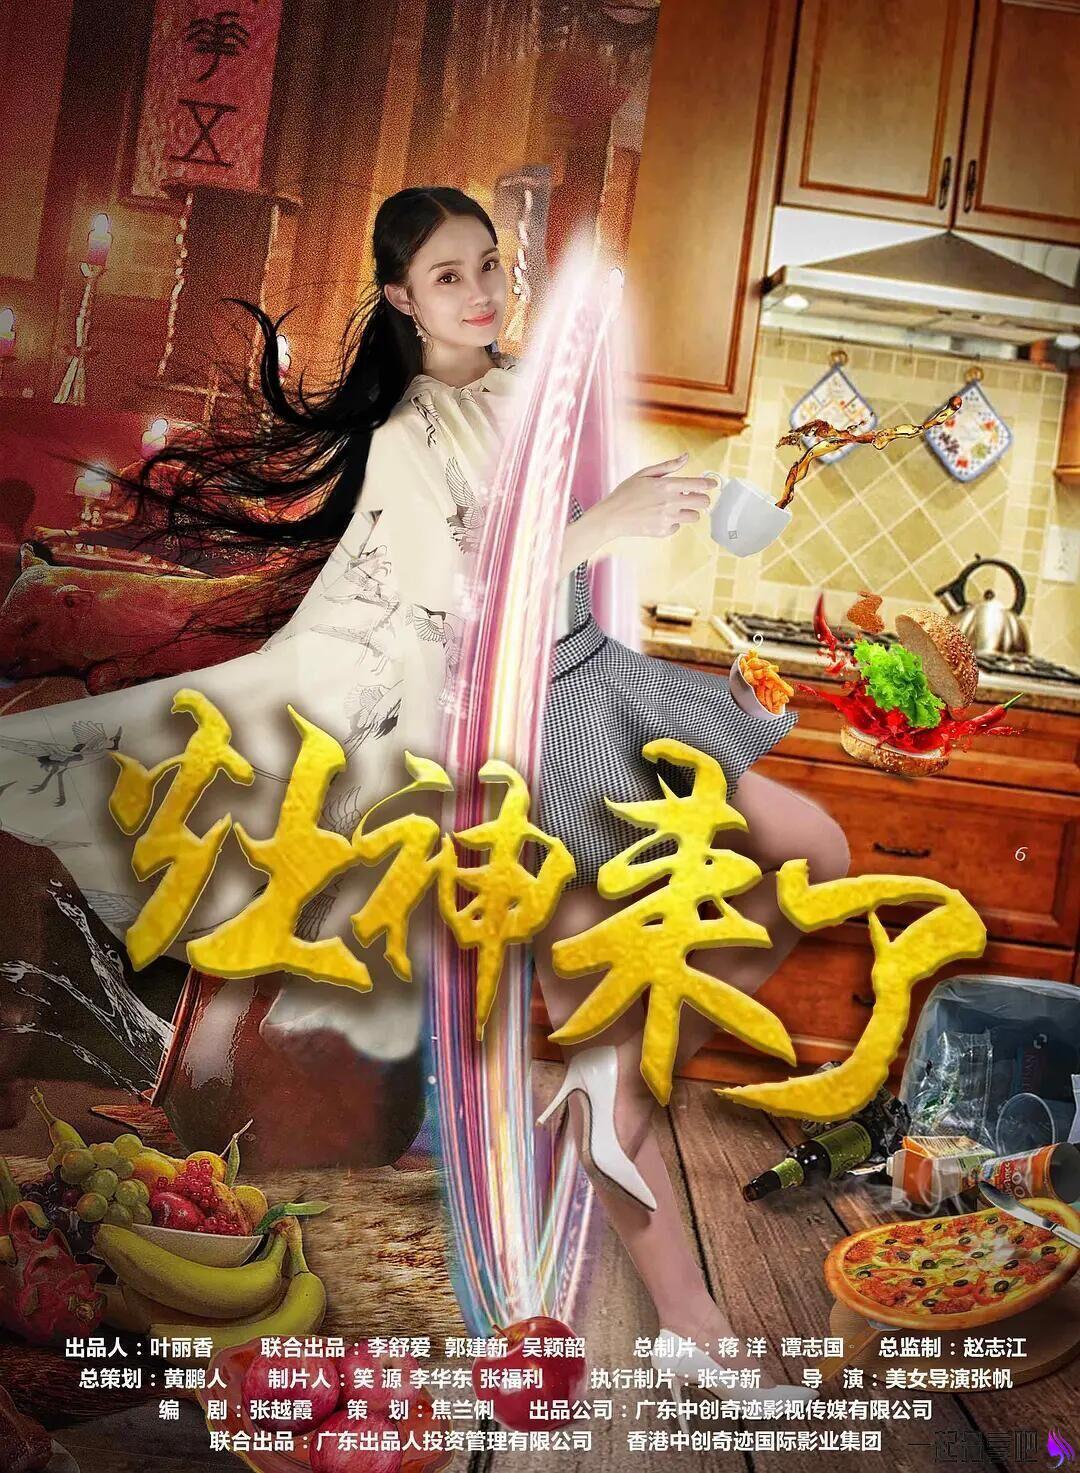 《灶神来了》HD1080p国语中字版 百度网盘 第1张